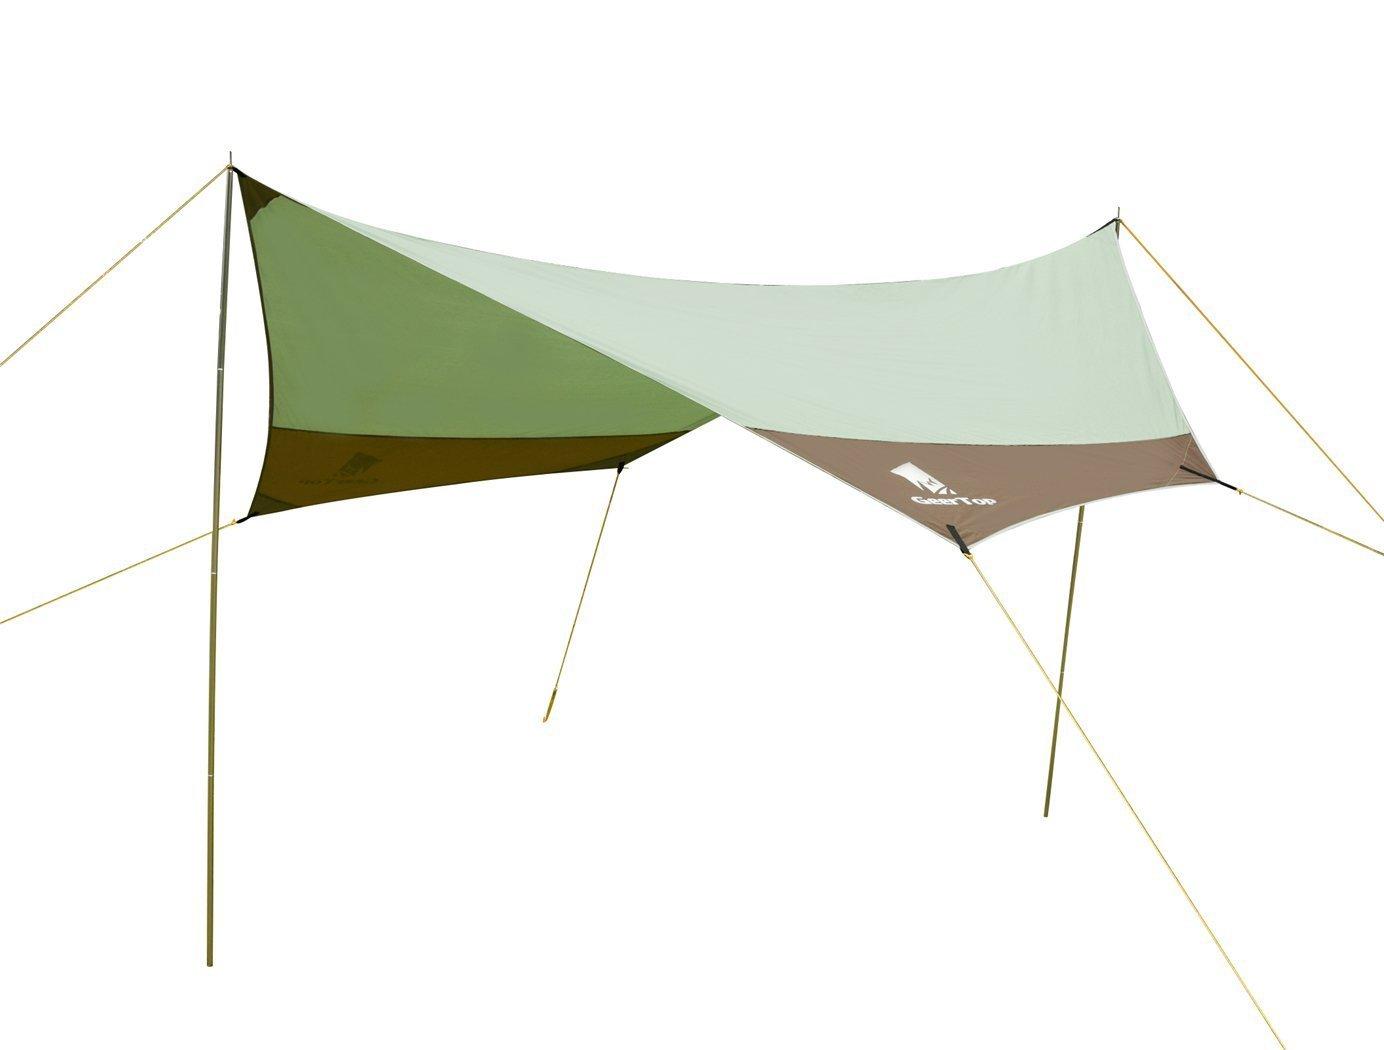 - Imperm/éable Large pour Camping randonn/ée Geertop Tarp//B/âche//Toile de Tente//Tente B/âche//B/âche de Abri 4 /à 7 Personnes Gris, 440 x 410 x 354 cm 2,1kg 4,4 m x 4,1 m P/ôles Inclus